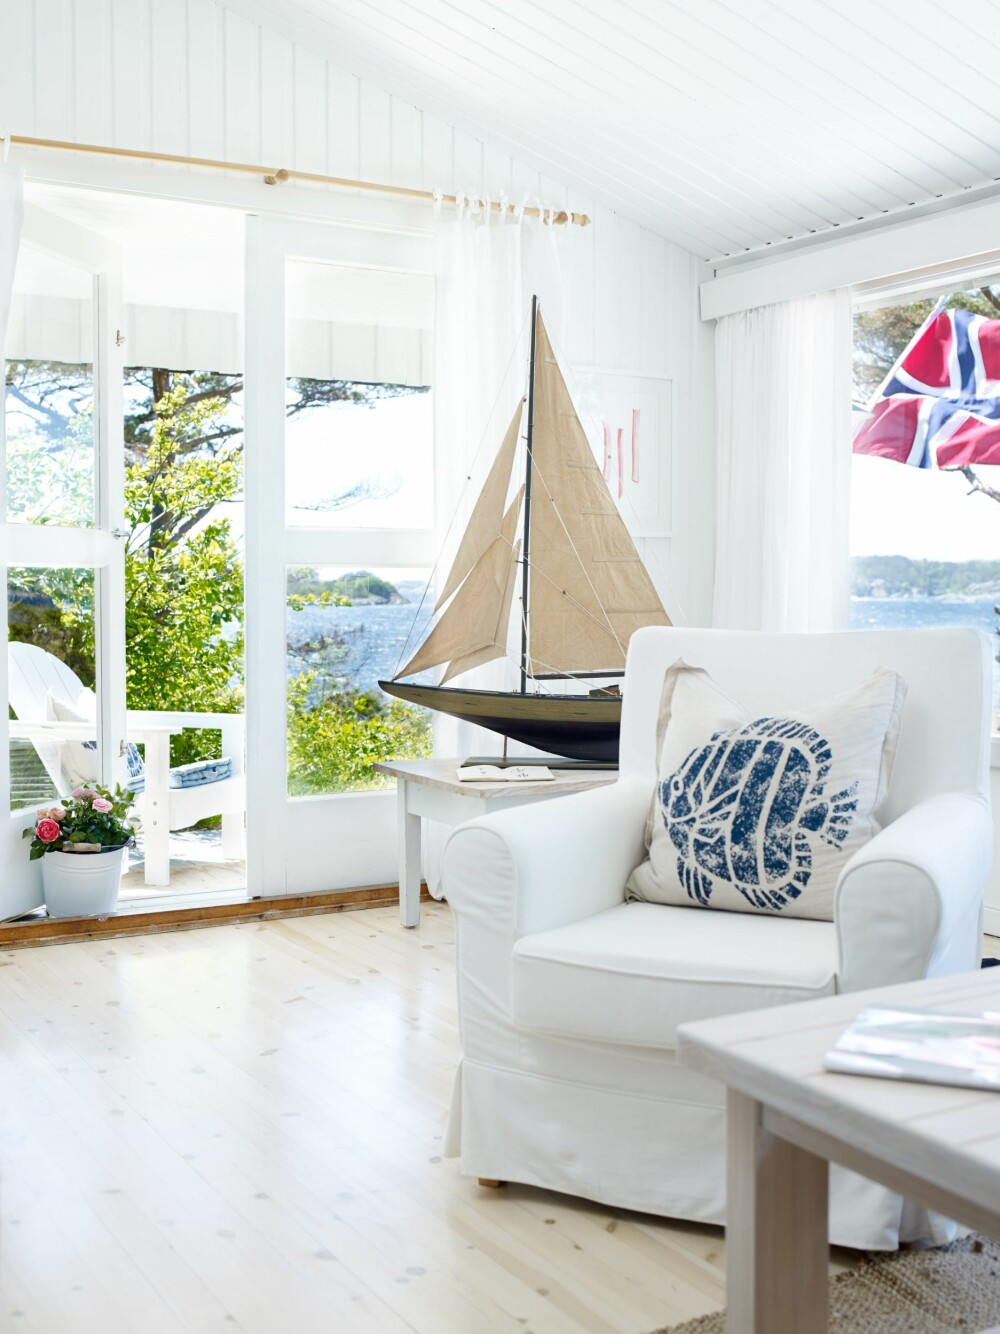 KAHYTTEN: At hytta kalles Kahytten, er lett å forstå. Seilbåten forsterker følelsen av å være på havet, selv om vi er innendørs på land. Utenfor stuen ligger den lille uteplassen som har utsikt mot havet.